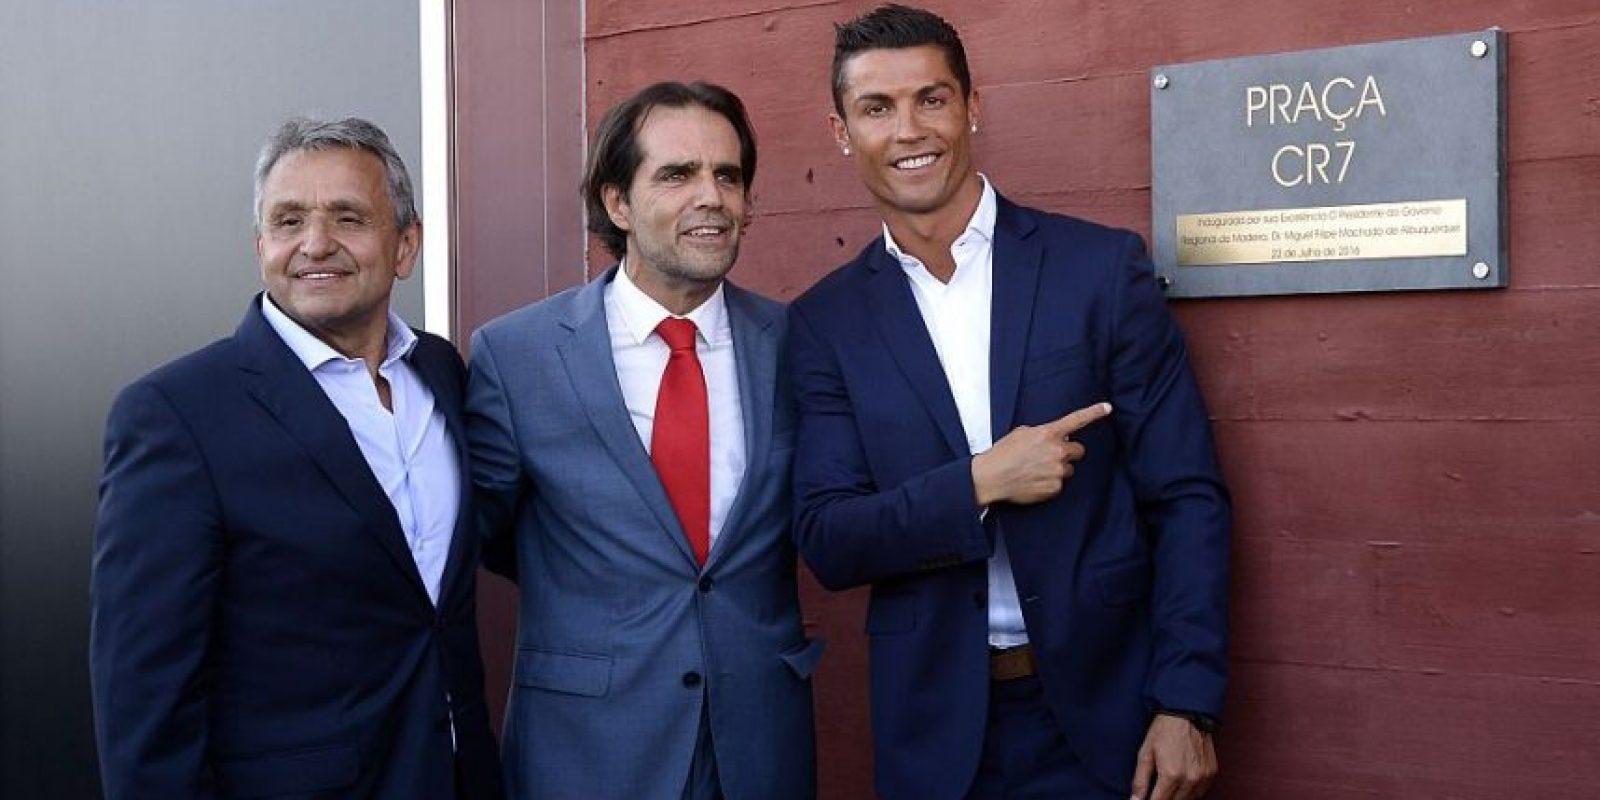 El restort abrió sus puertas hace un mes, pero hasta ahora pudo presentarse el futbolista. Foto:Getty Images